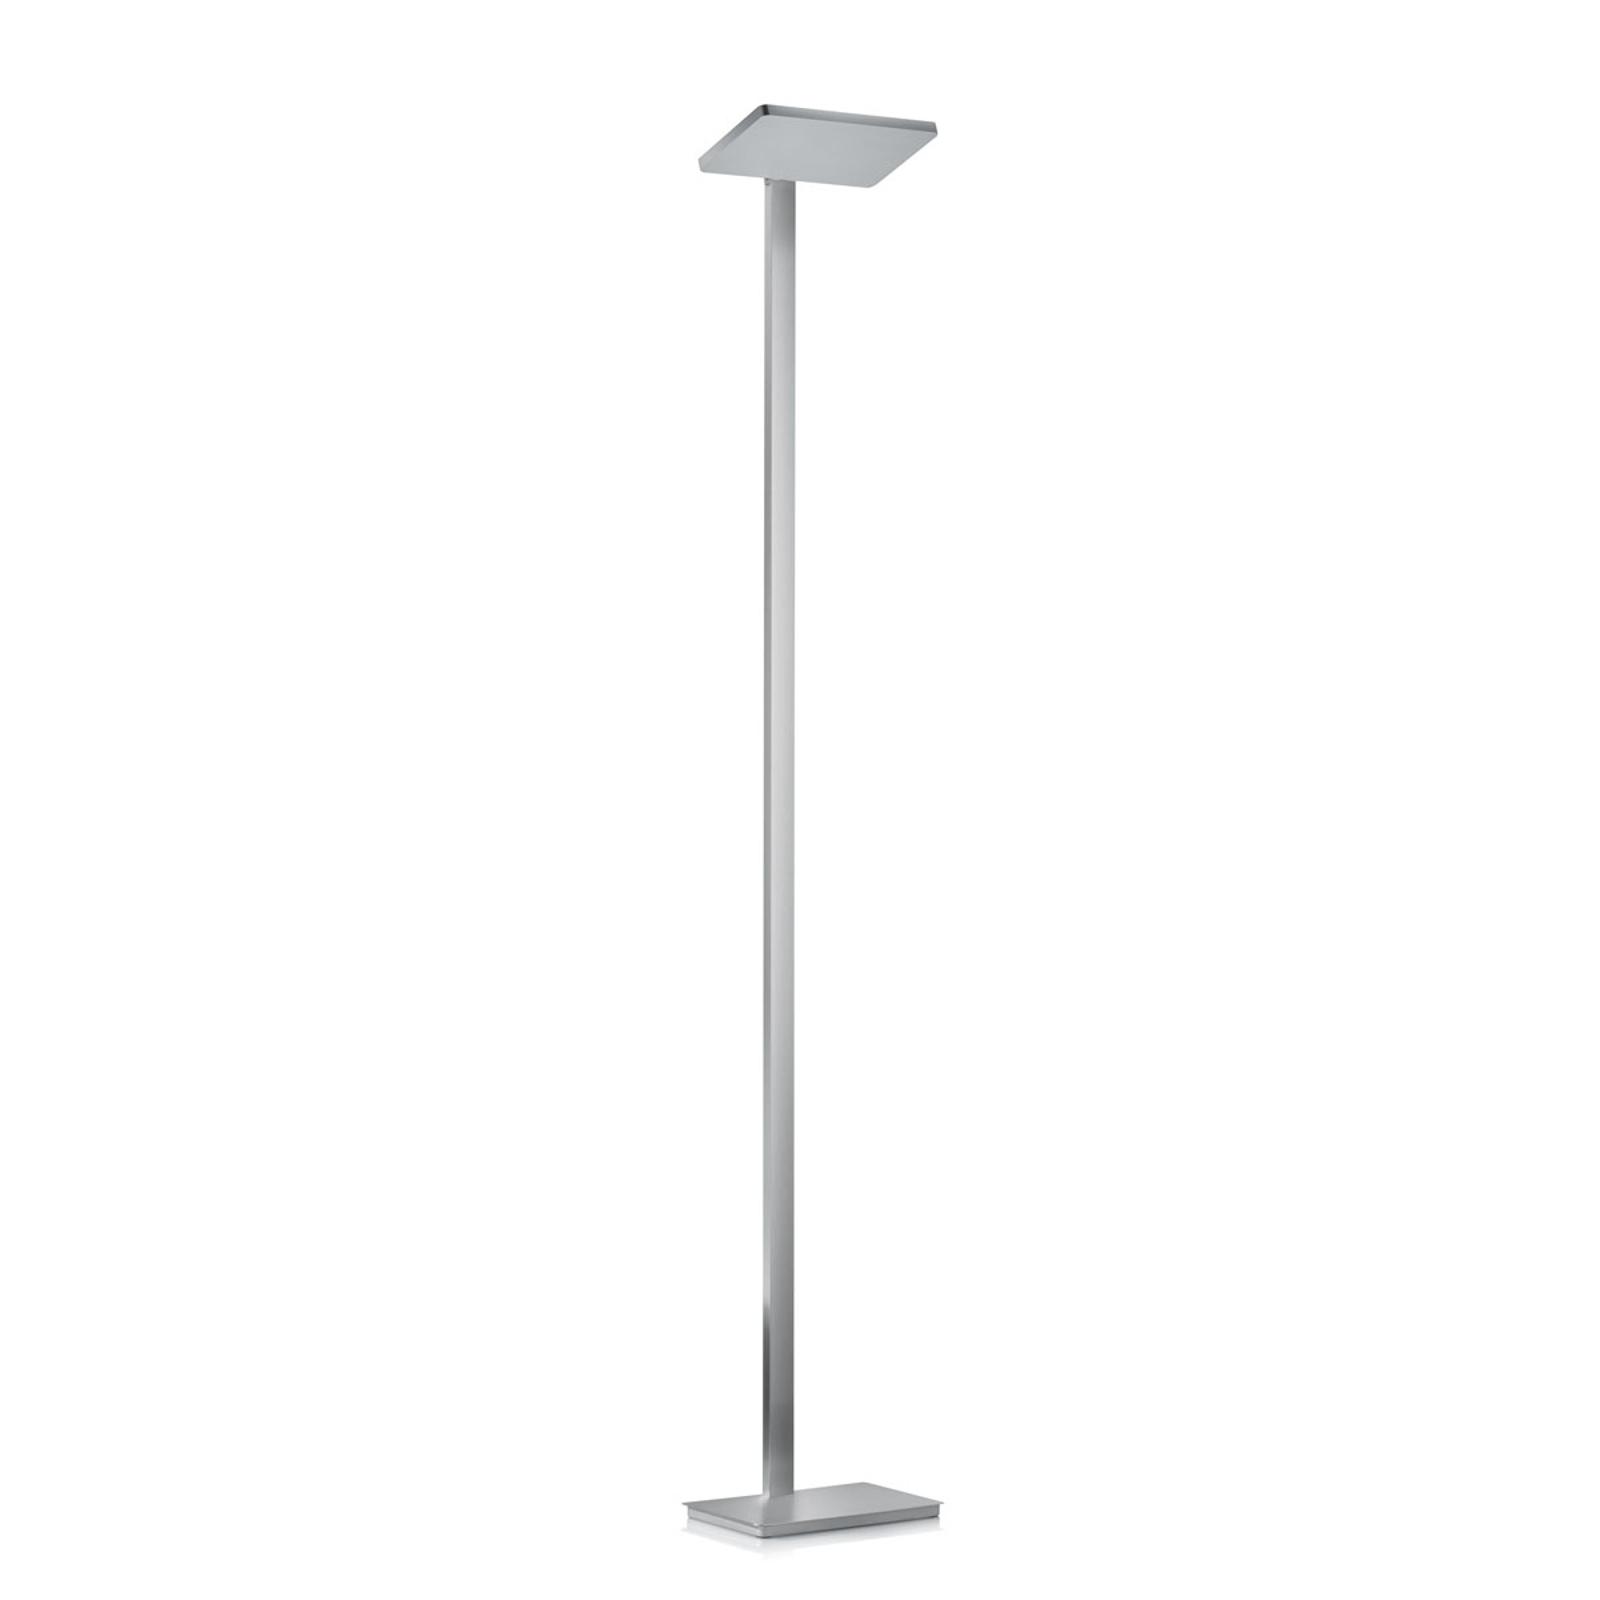 Nowoczesna lampa stojąca LED Geri, matowy nikiel